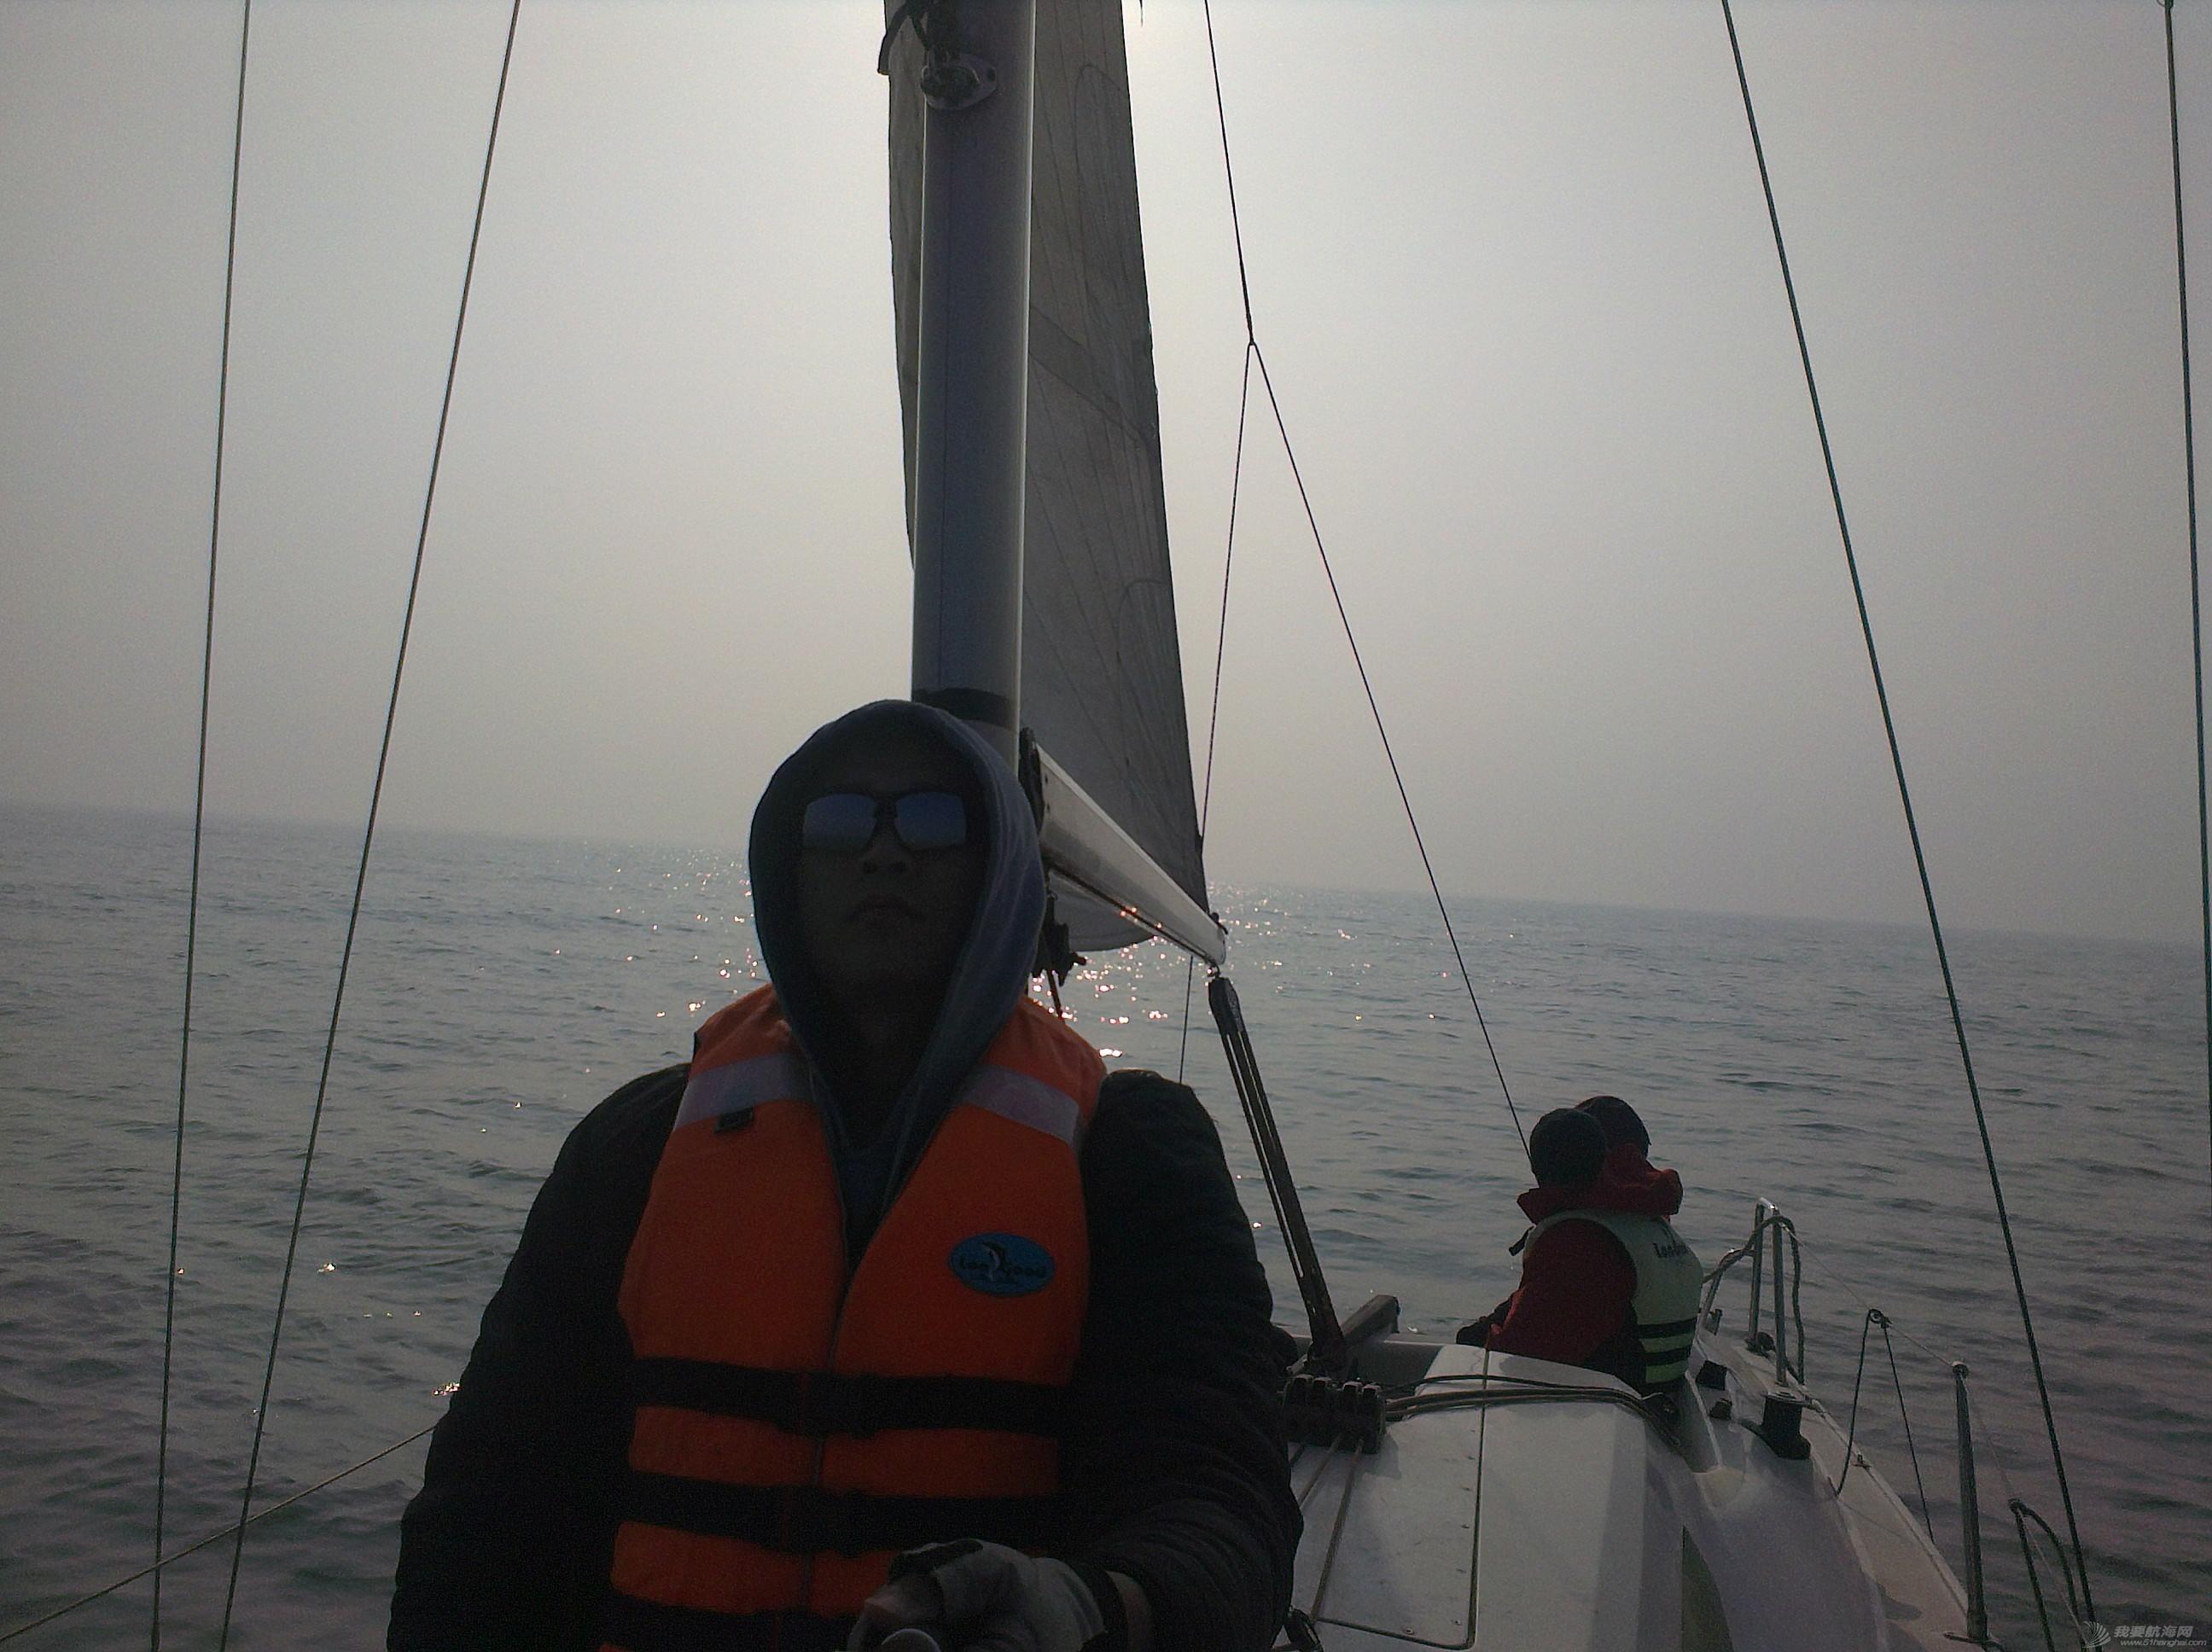 帆船 免费航海不是梦…我是十四期学员(我要去航海/全民公益航海帆船训练) C360_2016-01-02-10-27-23-971.jpg